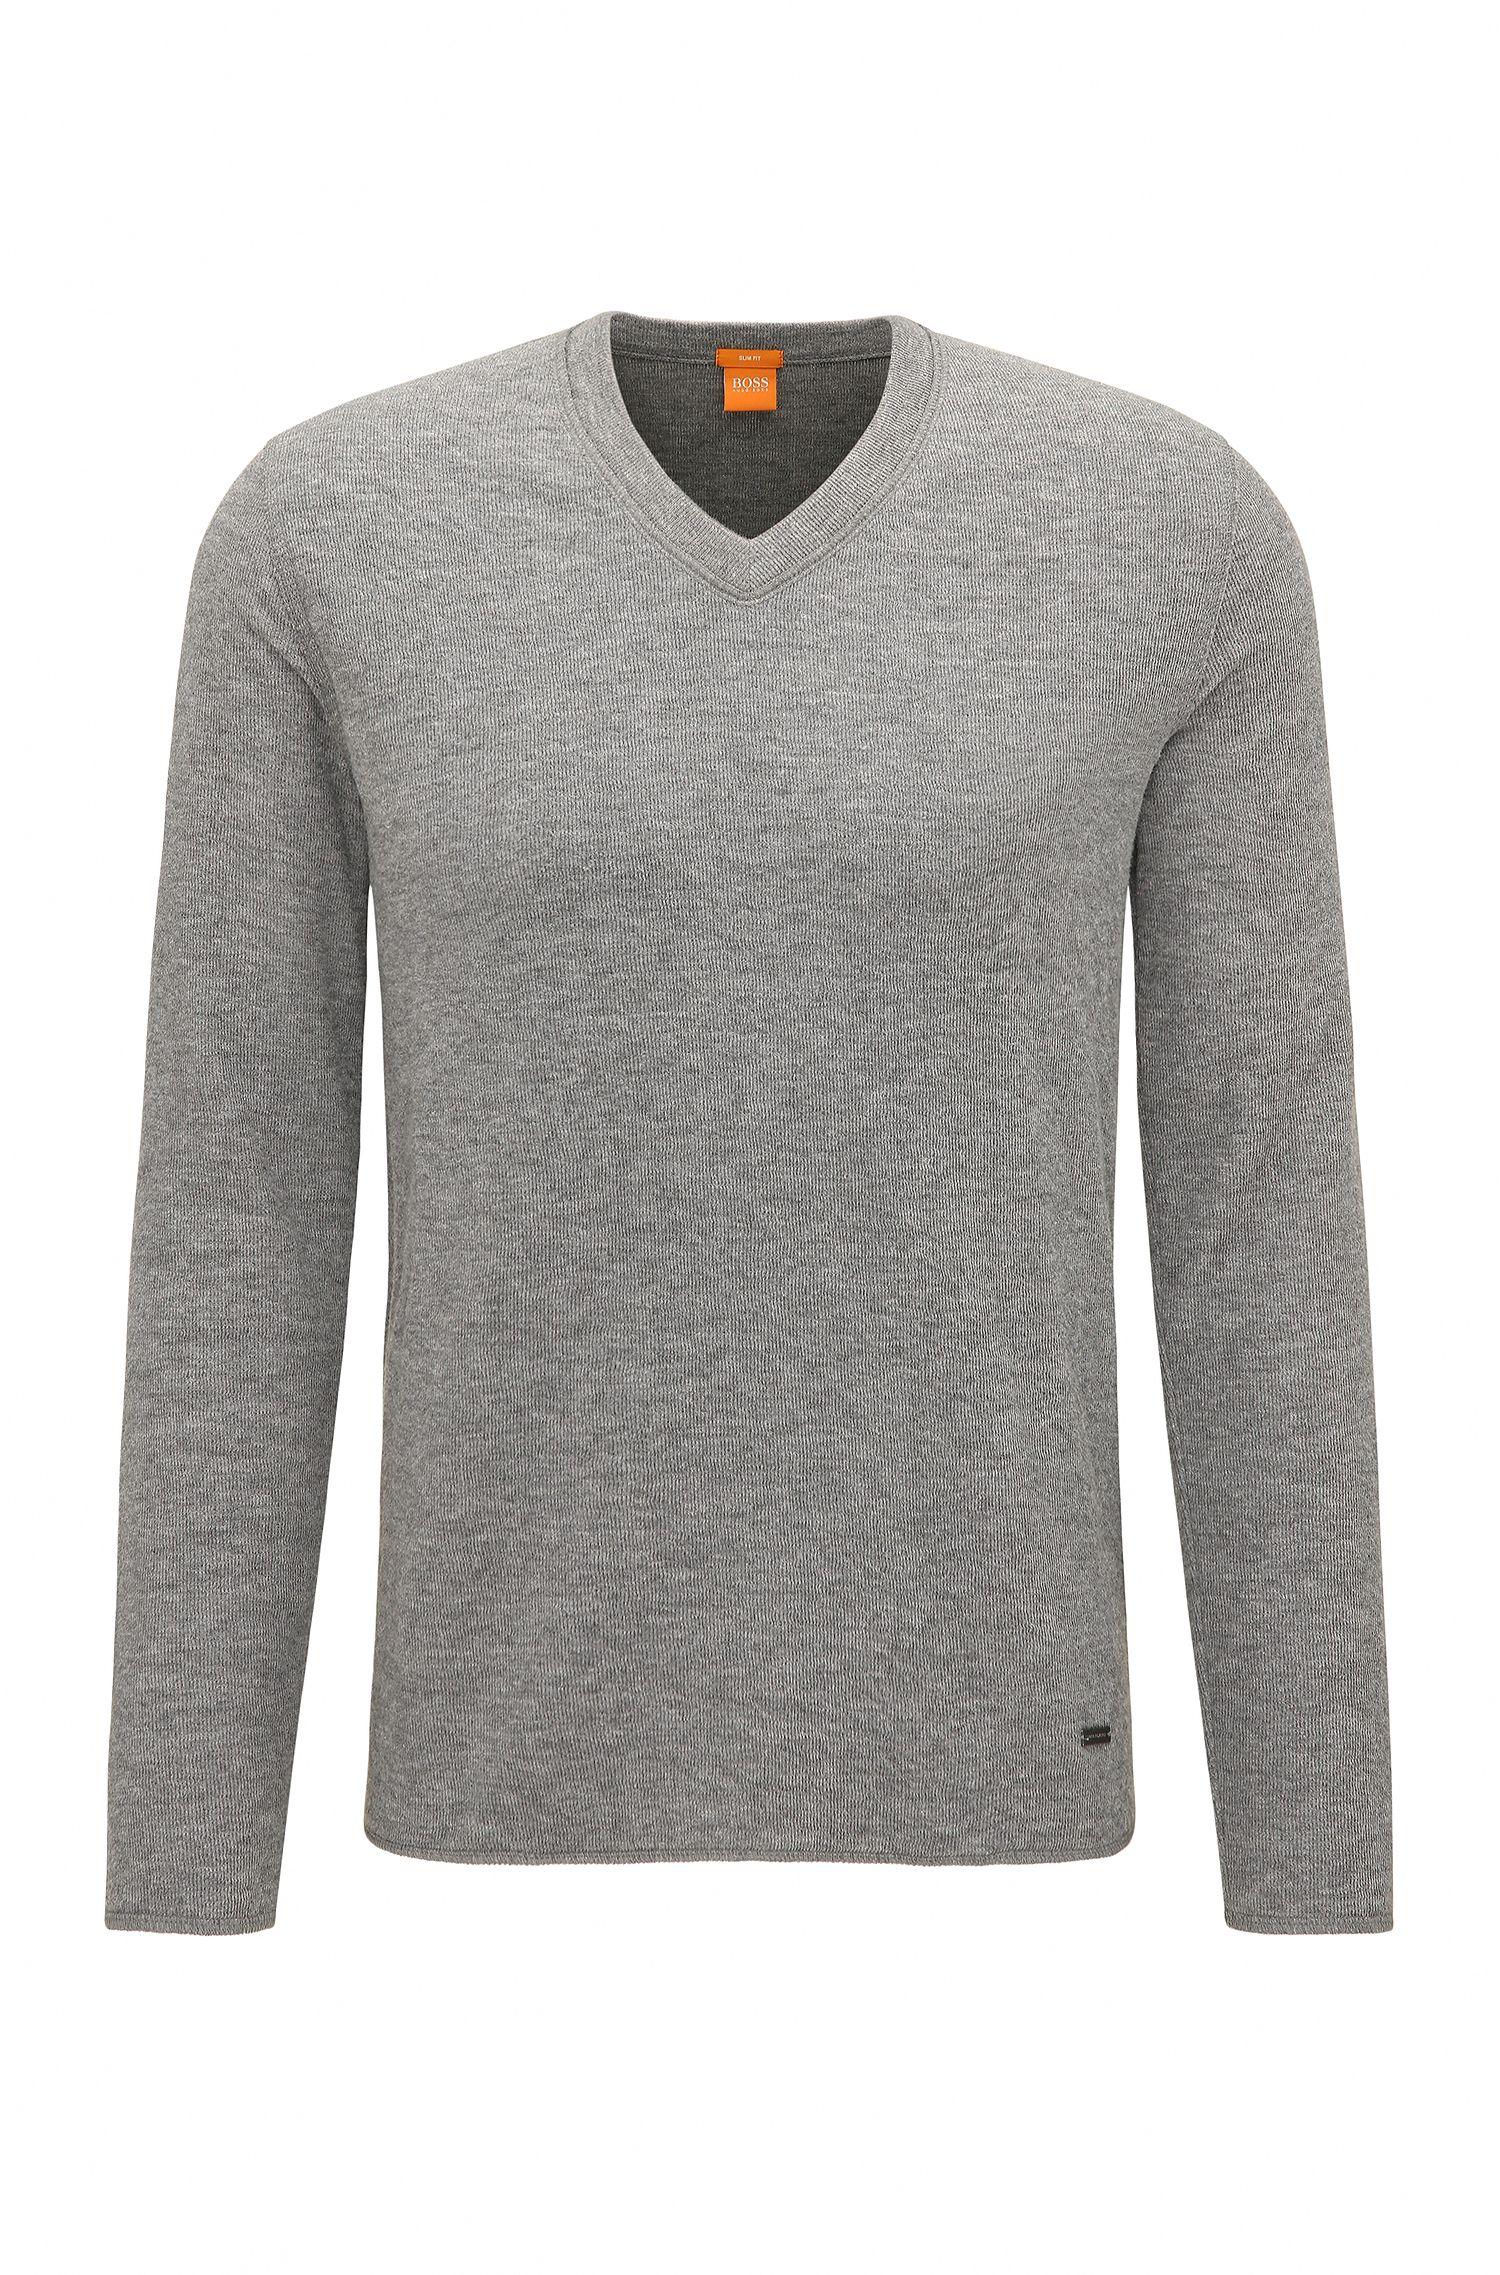 Sweat Slim Fit en jersey de coton mélangé double face